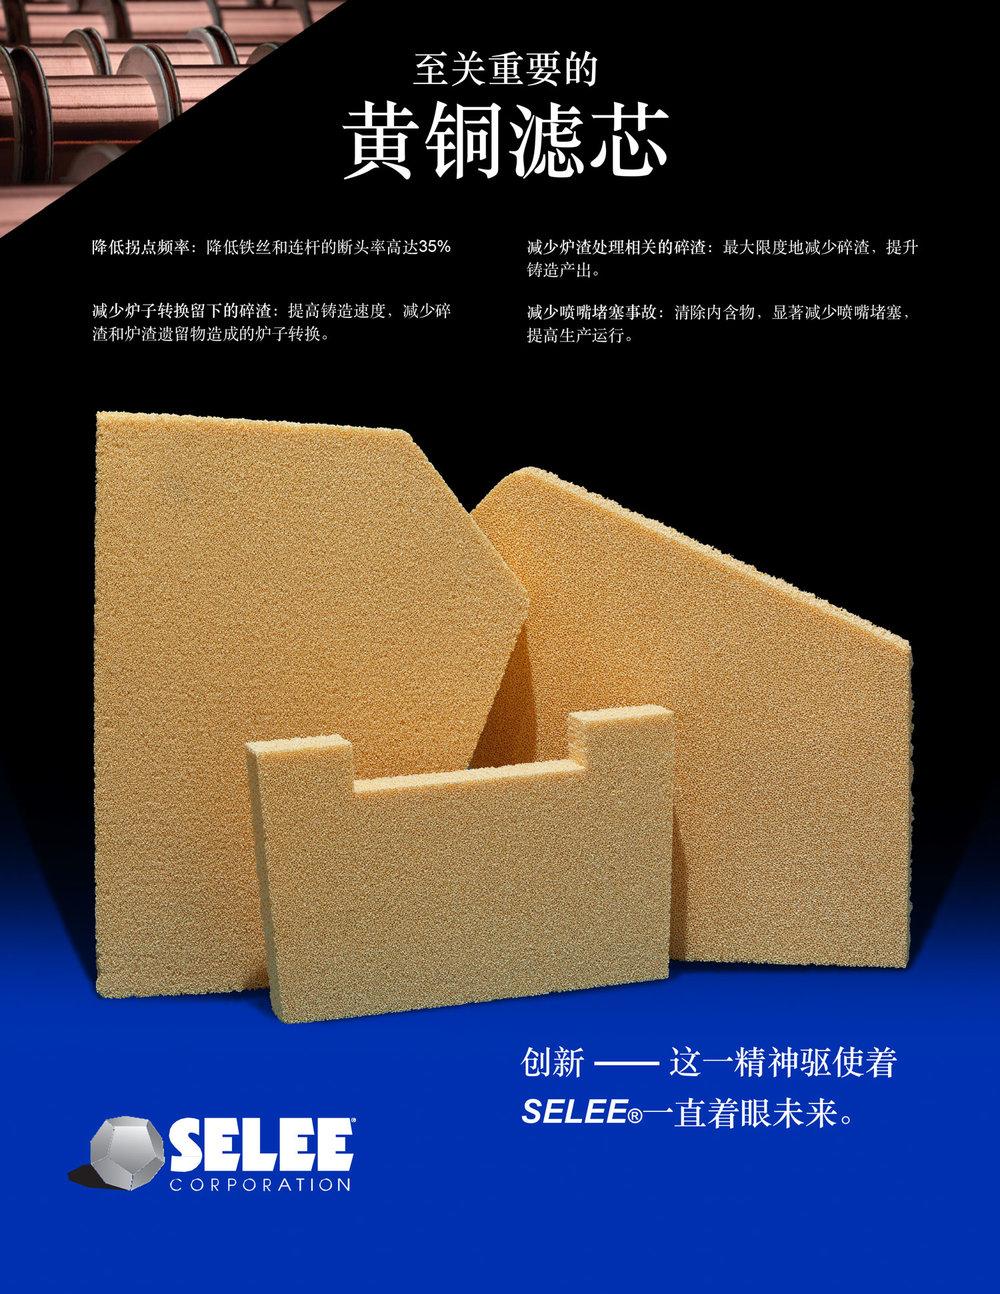 COPPER-Flyer_final_zh-CN-PDF-1.jpg